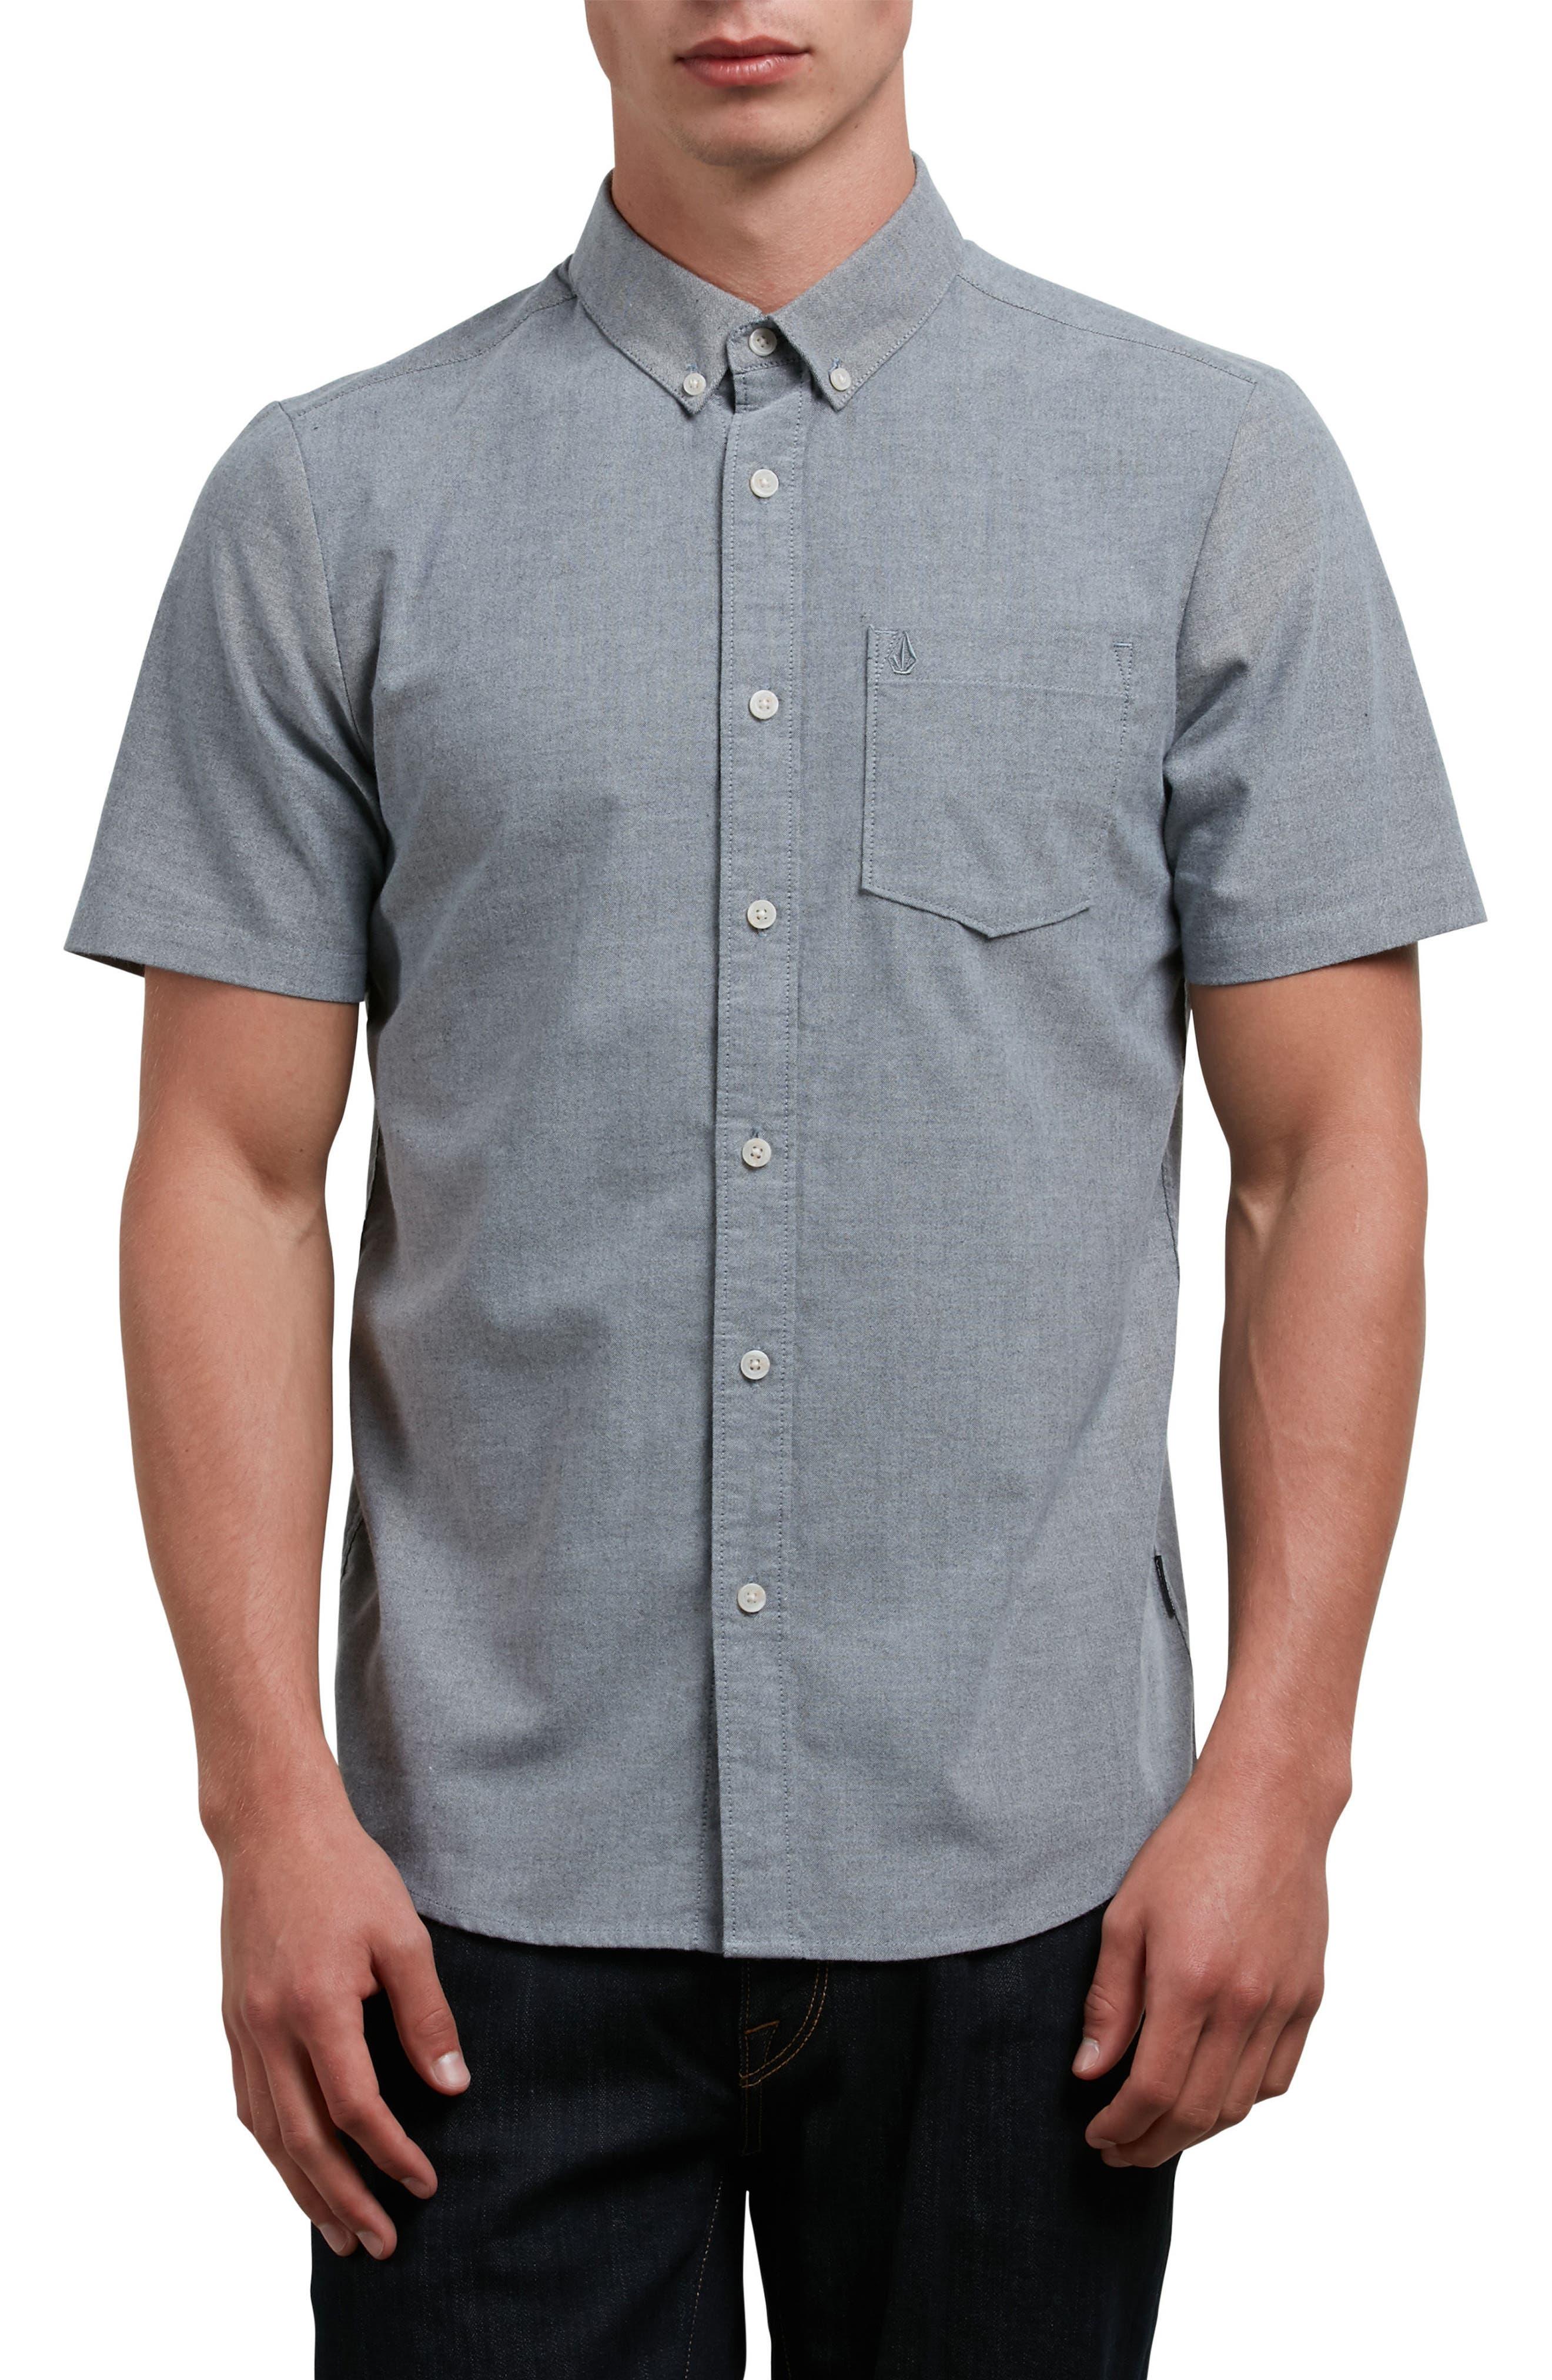 Alternate Image 1 Selected - Volcom Everett Oxford Shirt